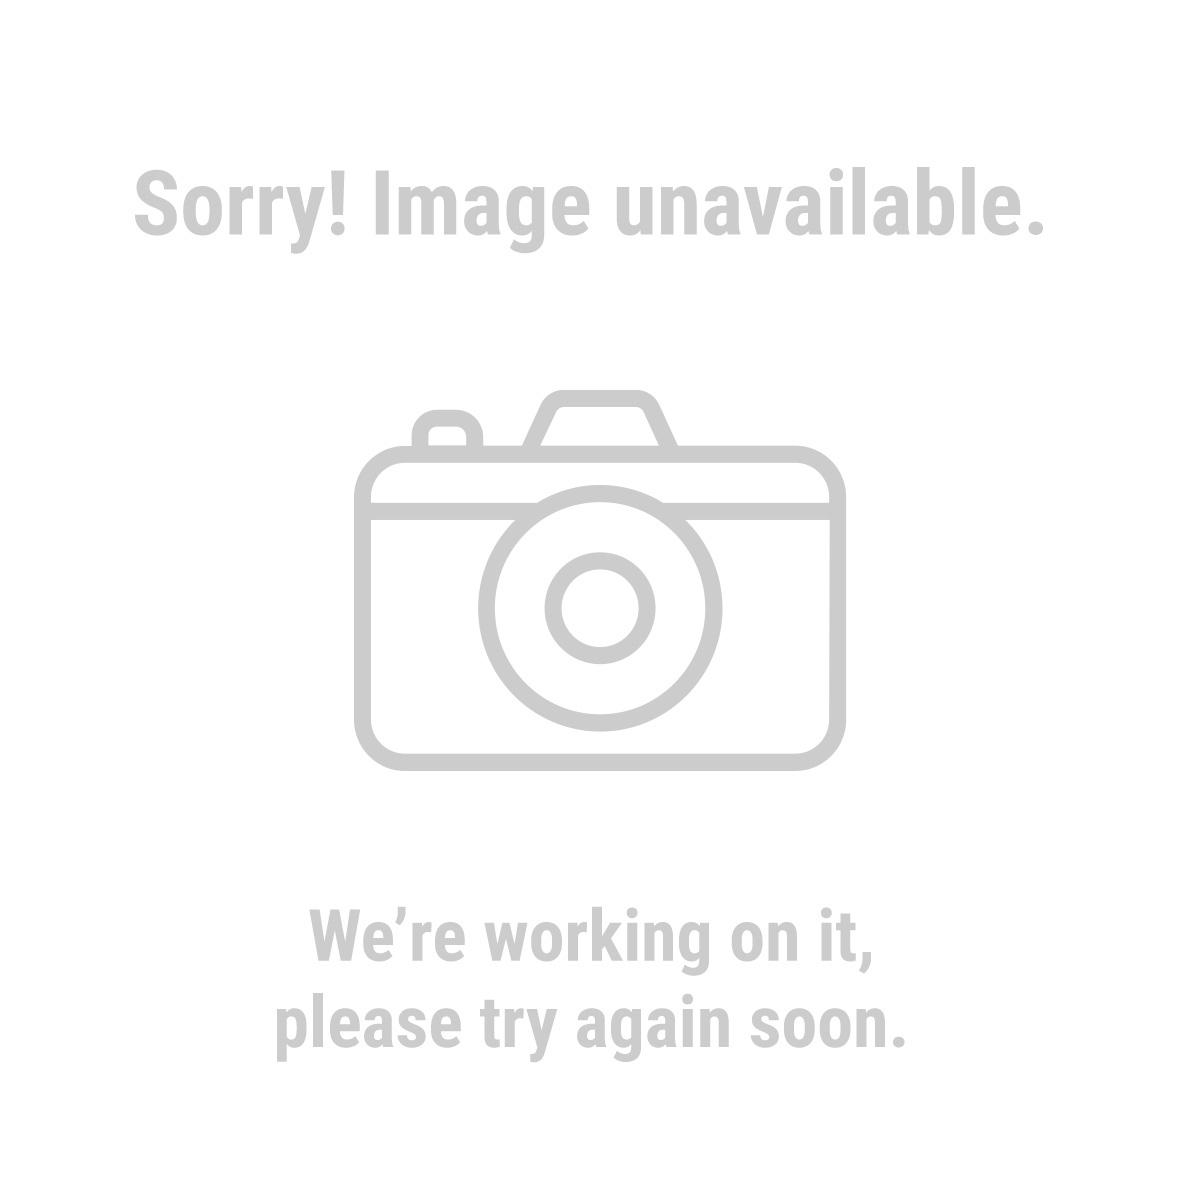 Bauer 63435 15 Amp 35 lb. Pro Demolition Hammer Kit